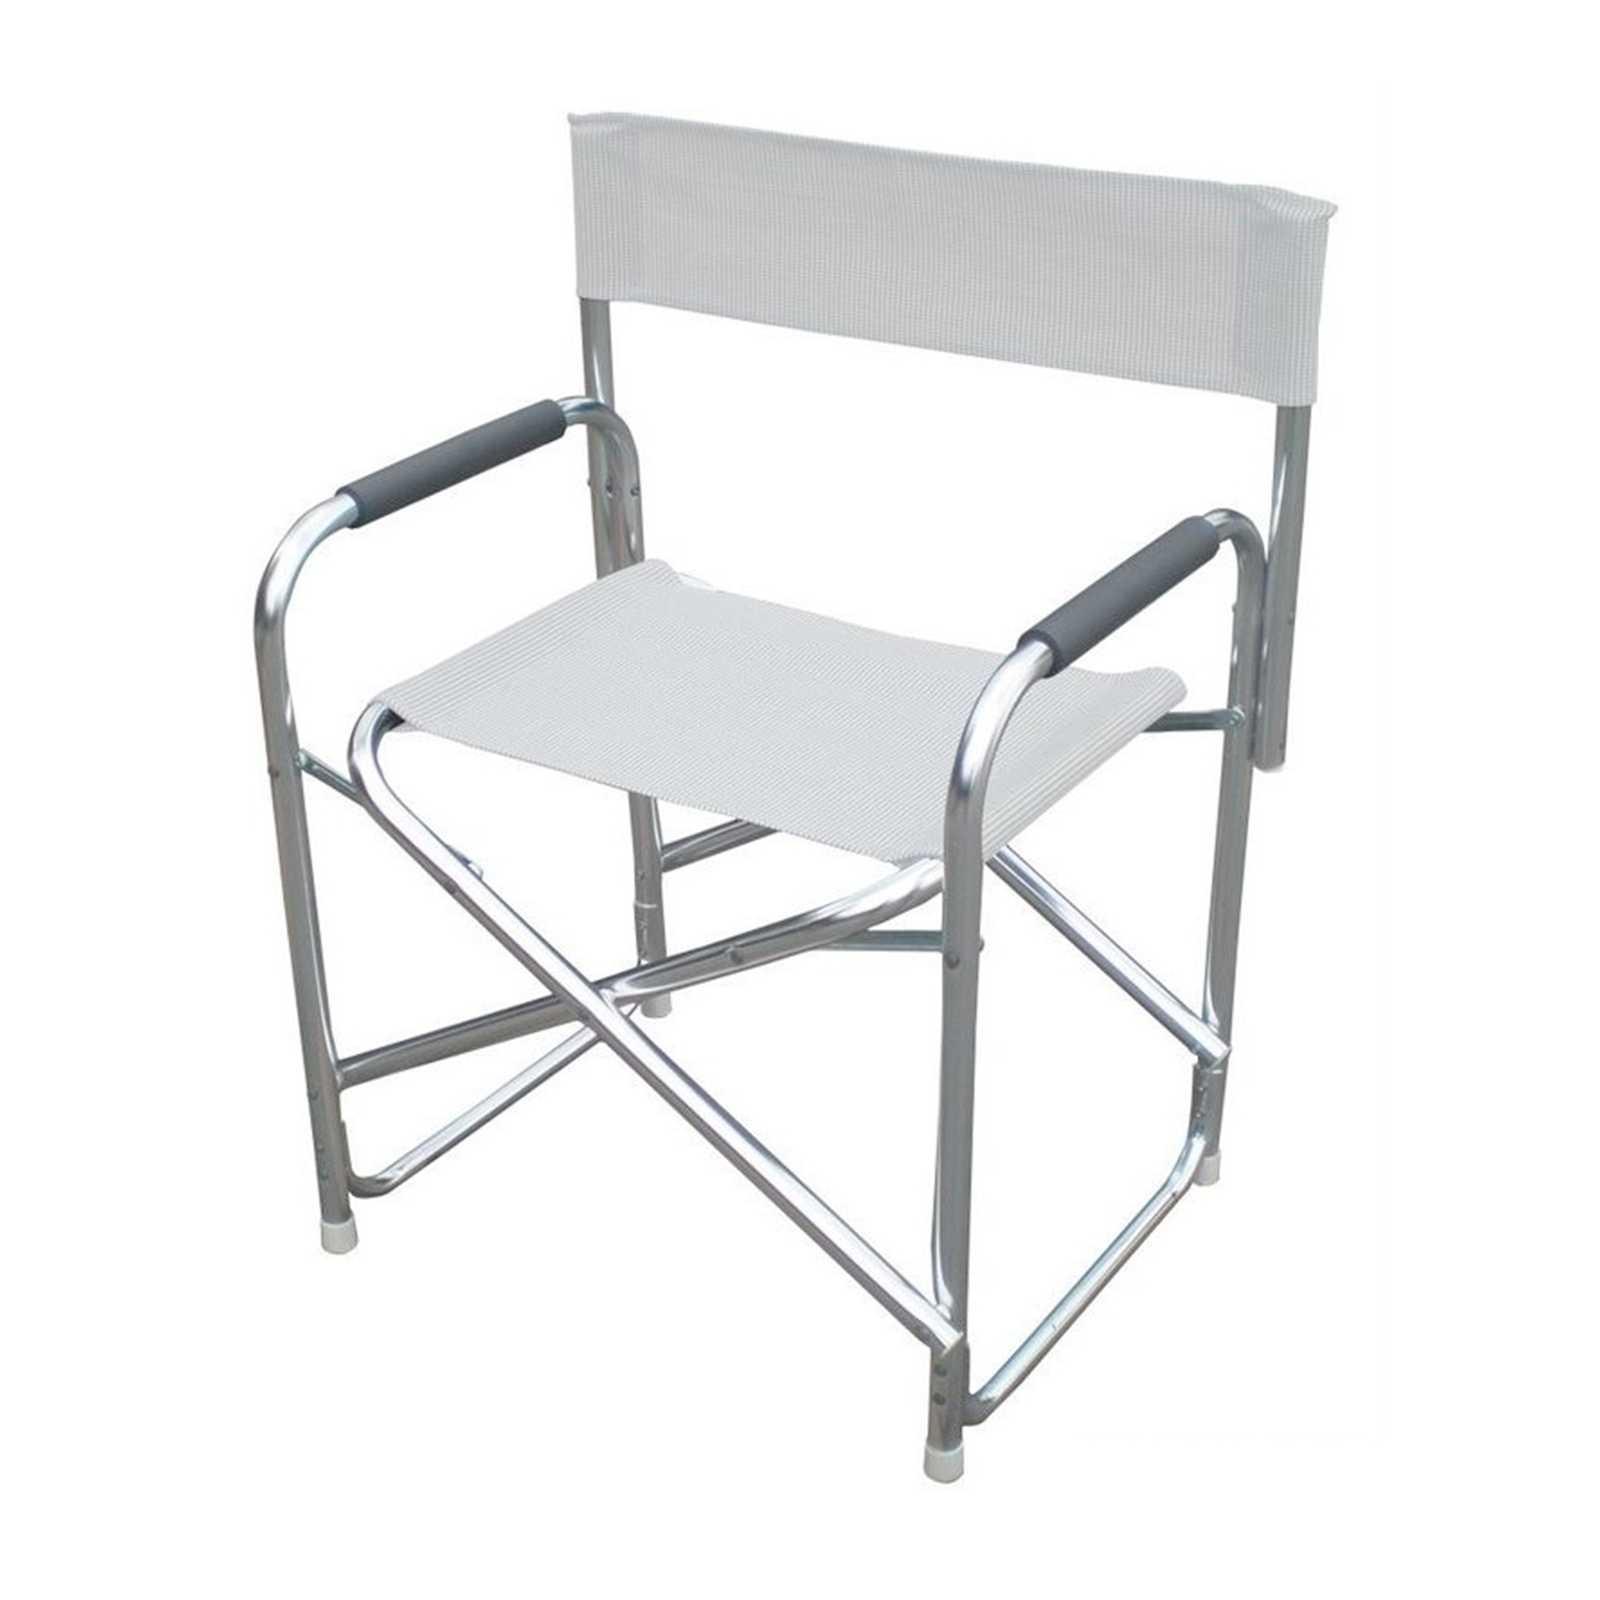 Poltrona Magnum serie Playa struttura in tubolare di alluminio satinato e textilene bianco